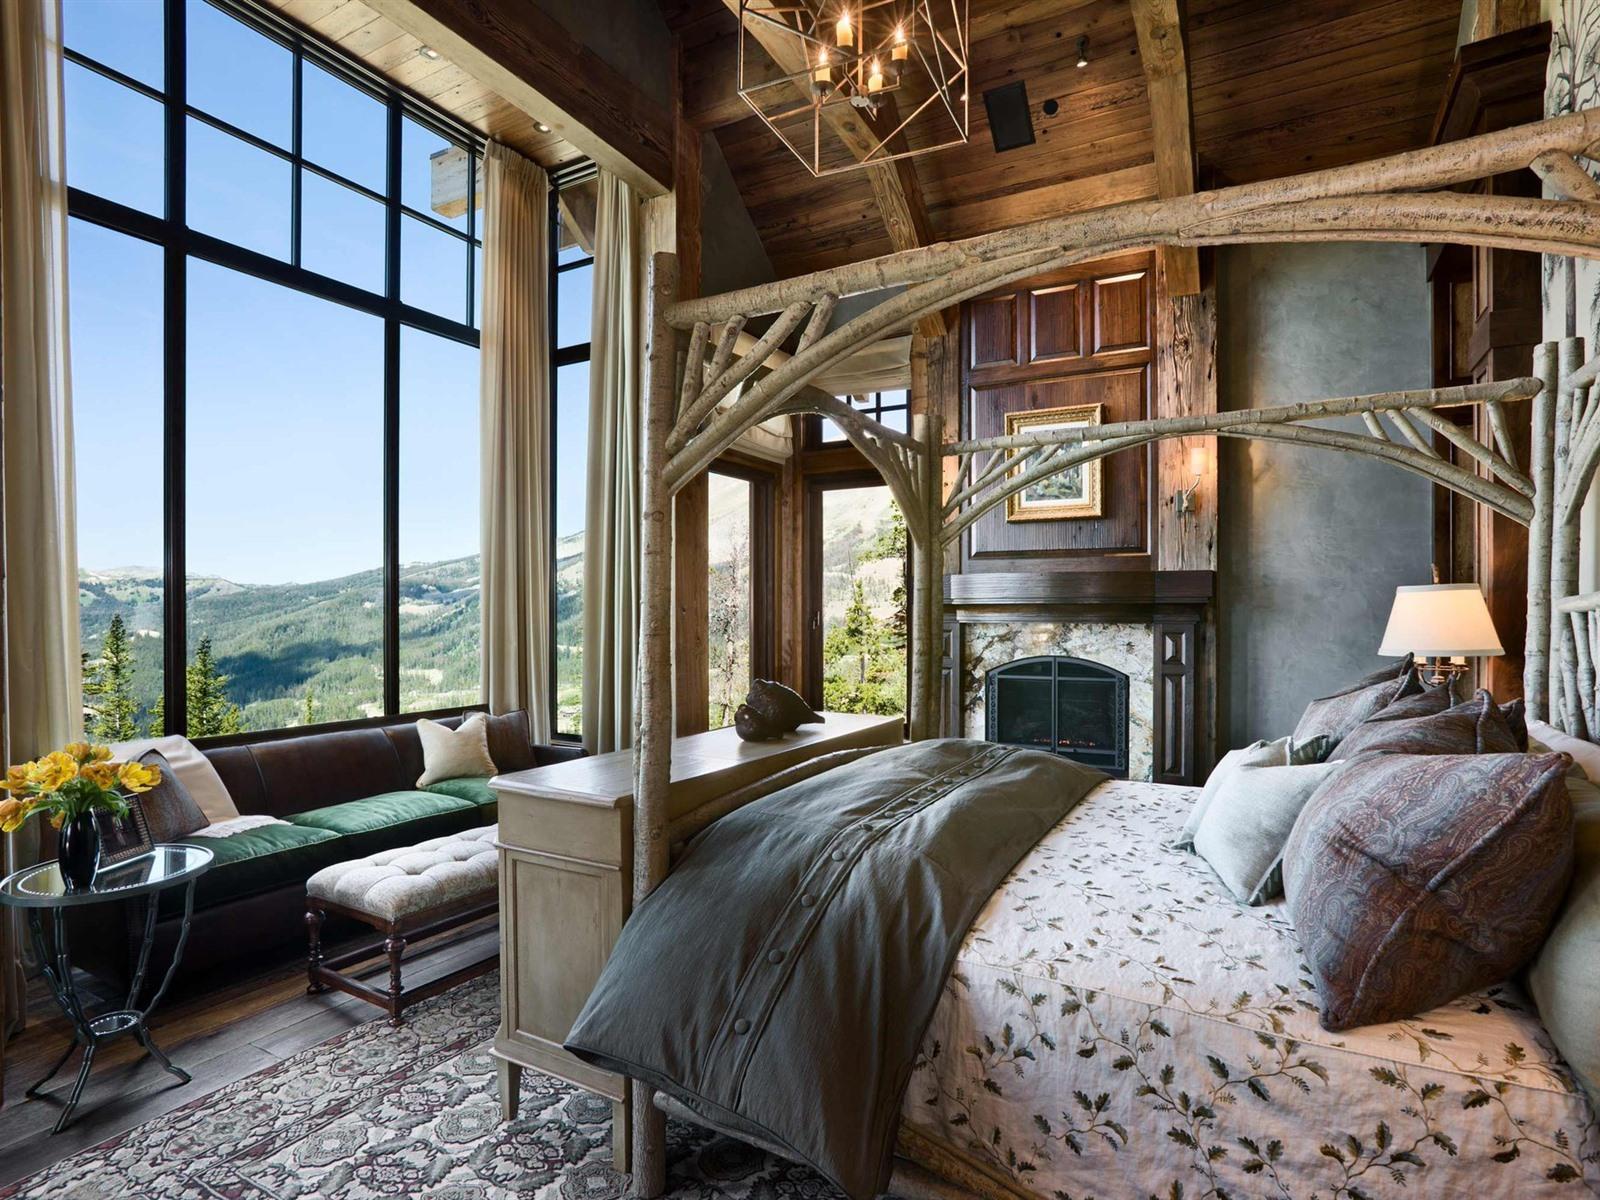 Schlafzimmer Retro Stil Bett Fenster 1920x1200 Hd Hintergrundbilder Hd Bild